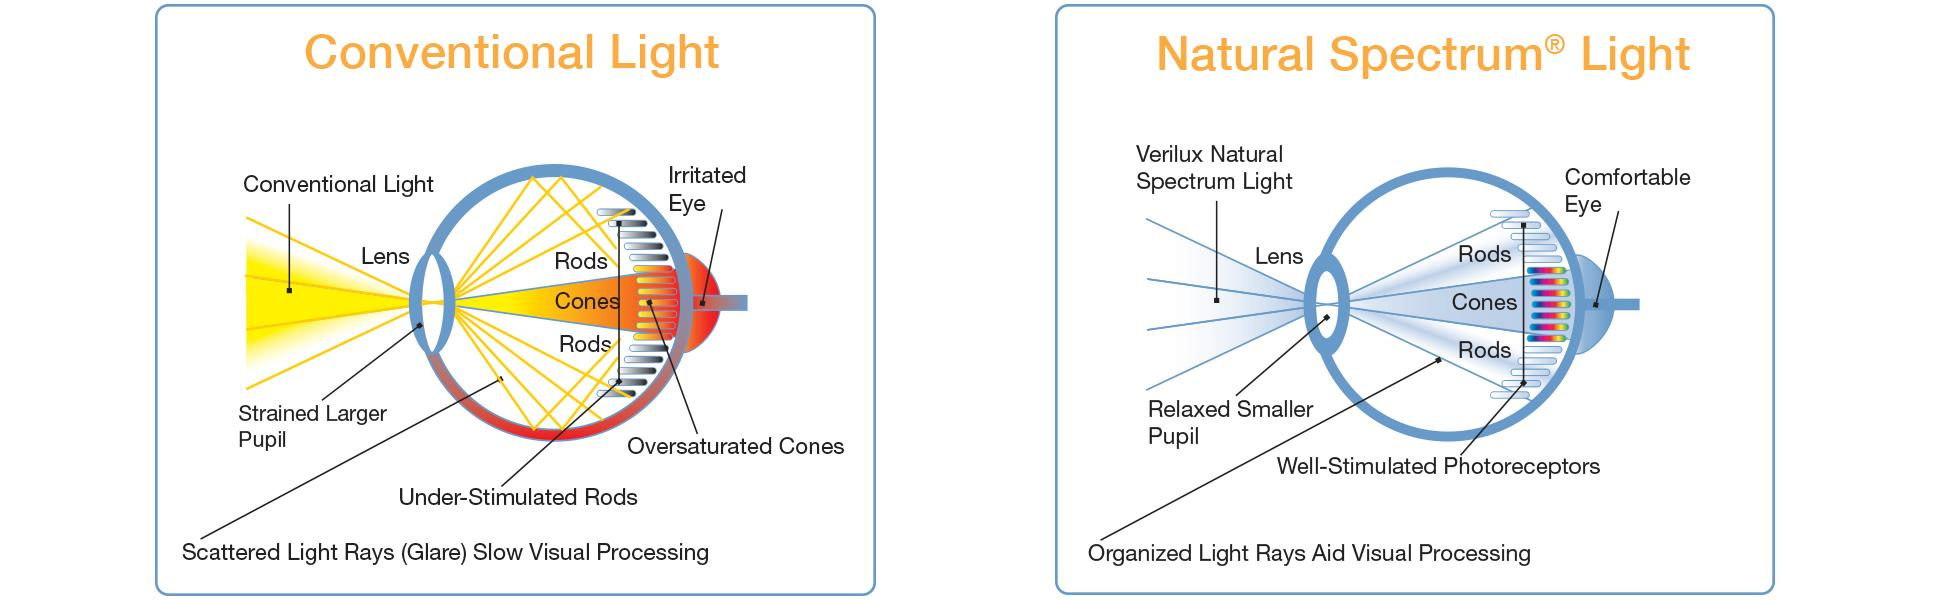 Verilux Easyflex Natural Spectrum Deluxe Floor Lamp With